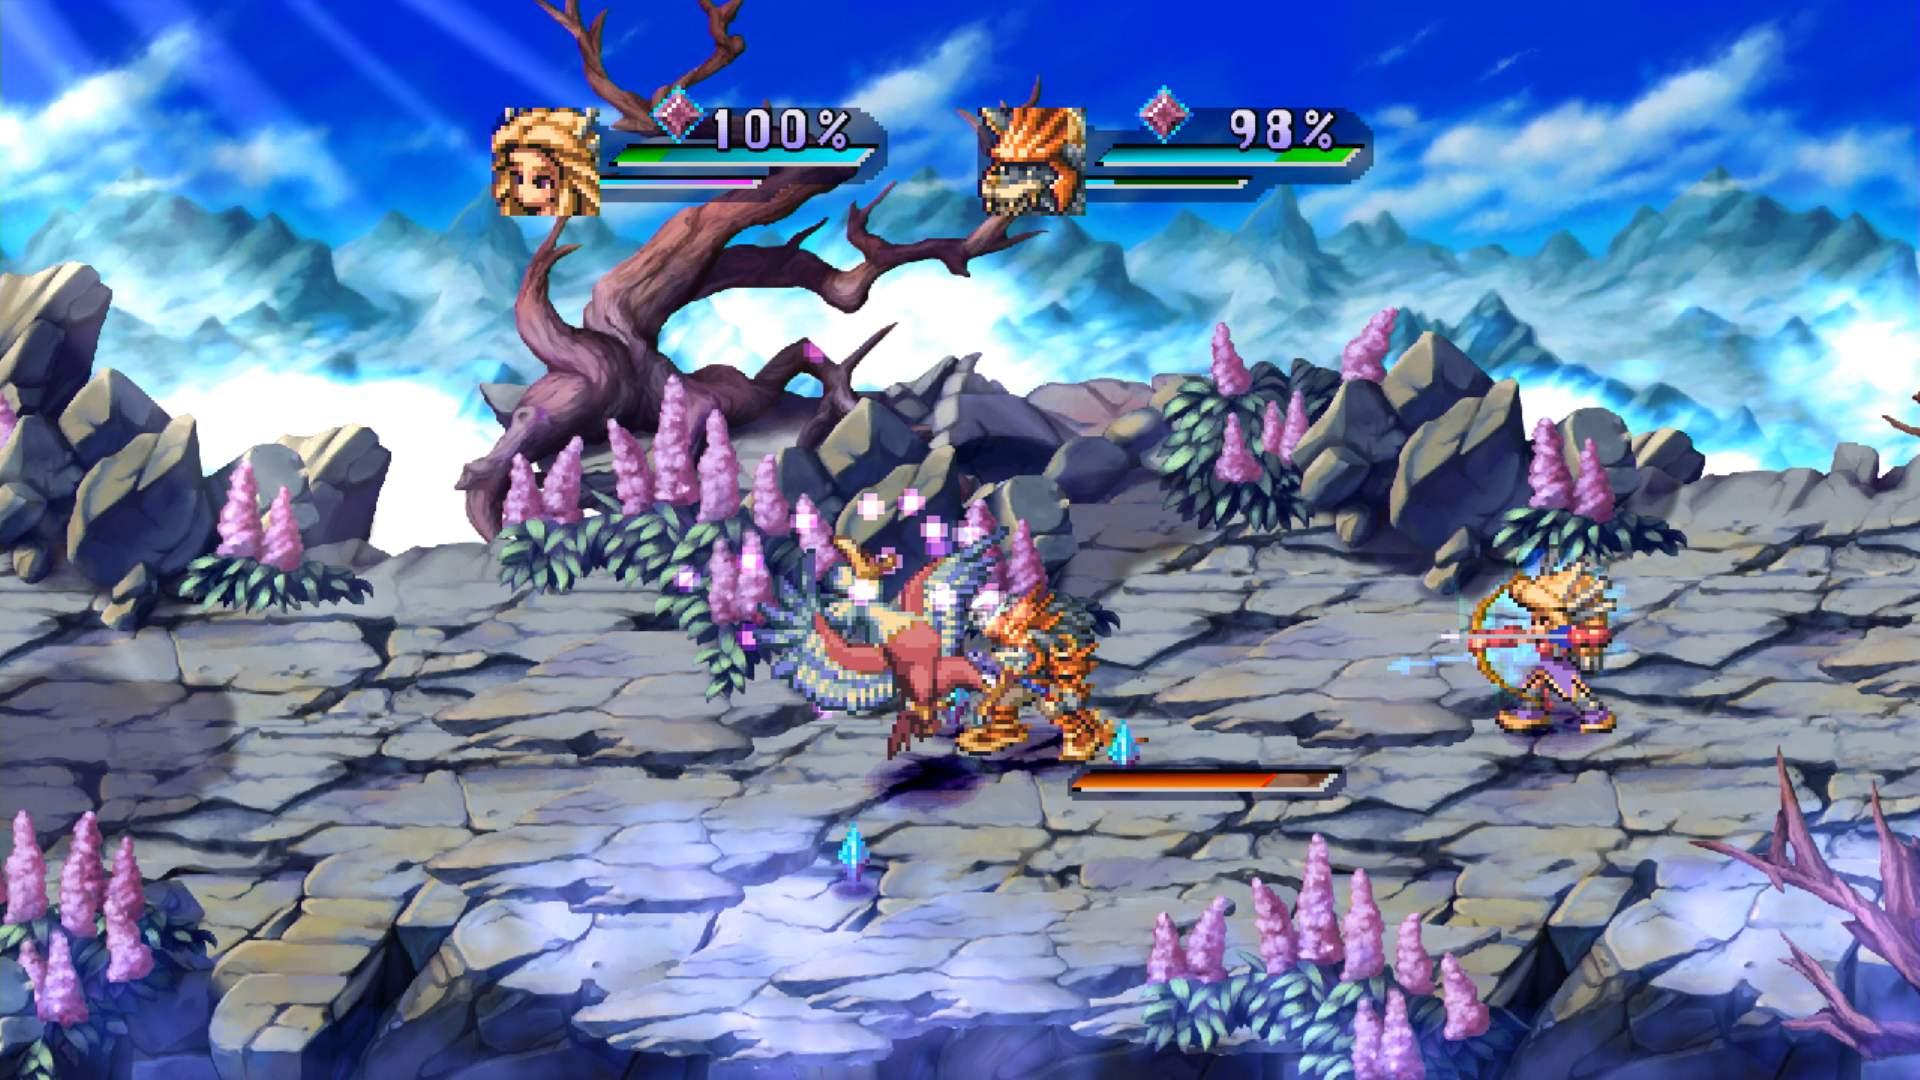 Écran de combat du jeu Legend of Mana, le groupe affronte un monstre en terrain dégagé